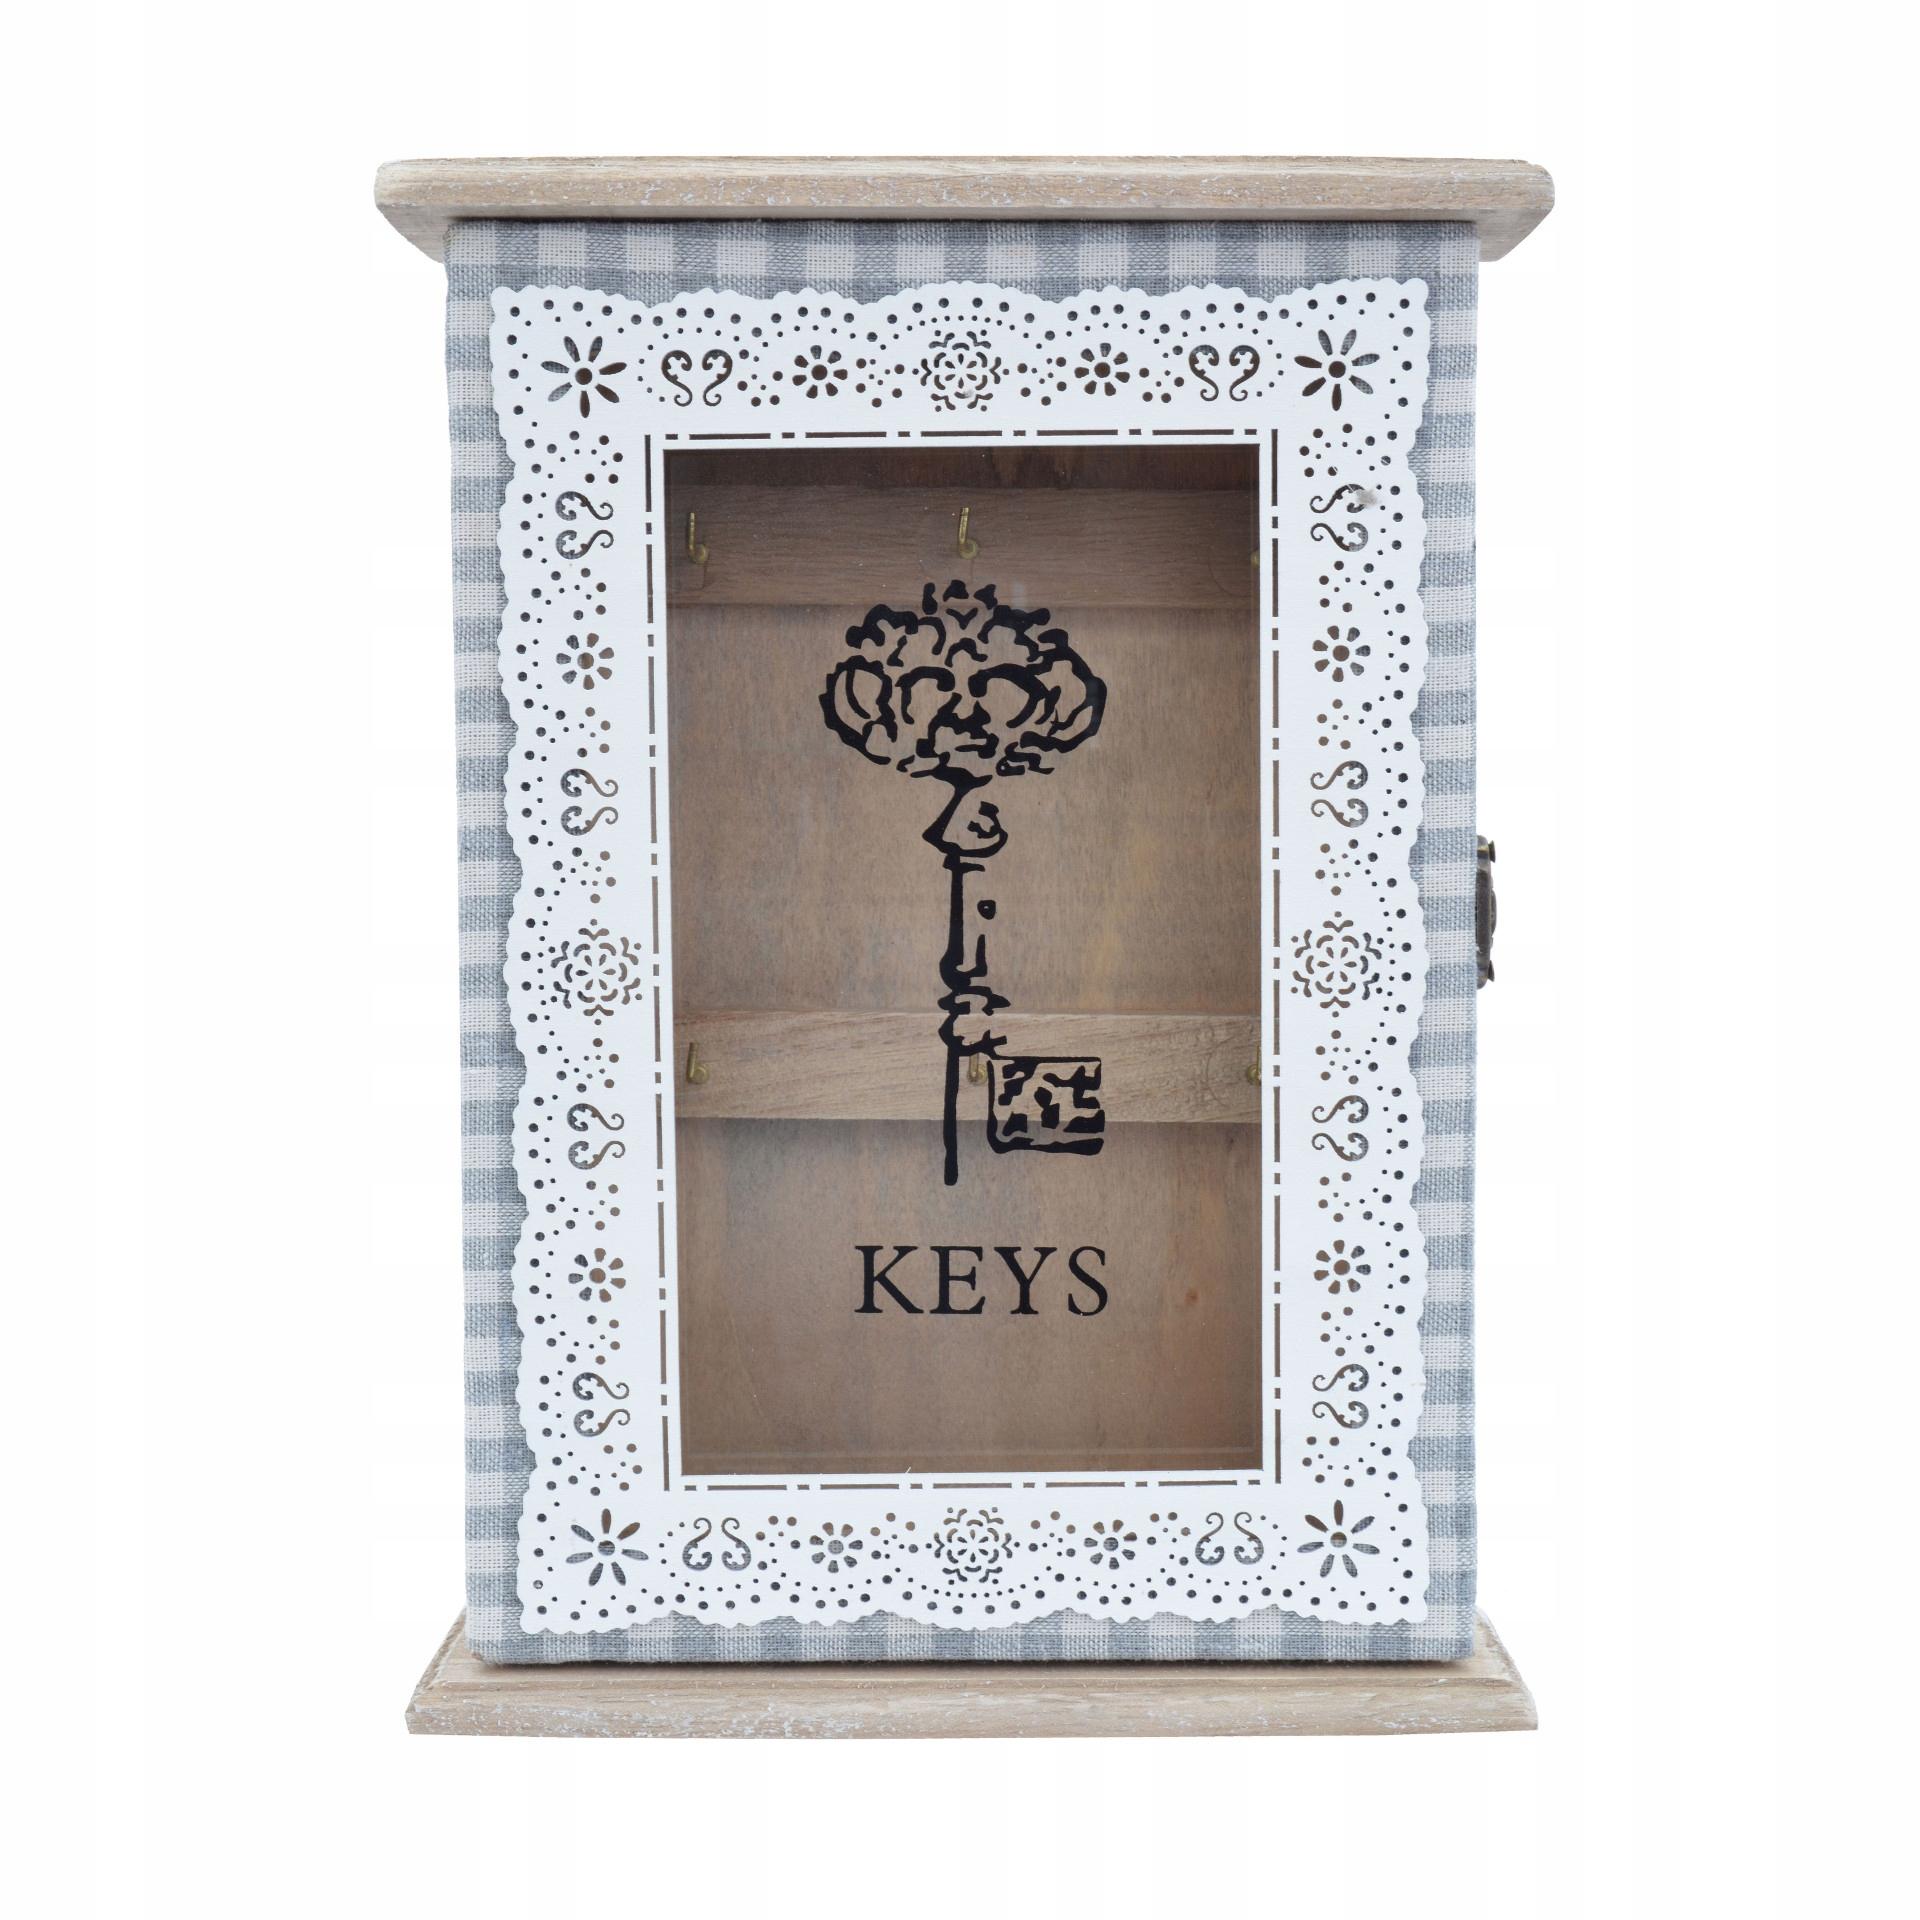 Skrinka, vešiak na kľúče, retro drevená rakva